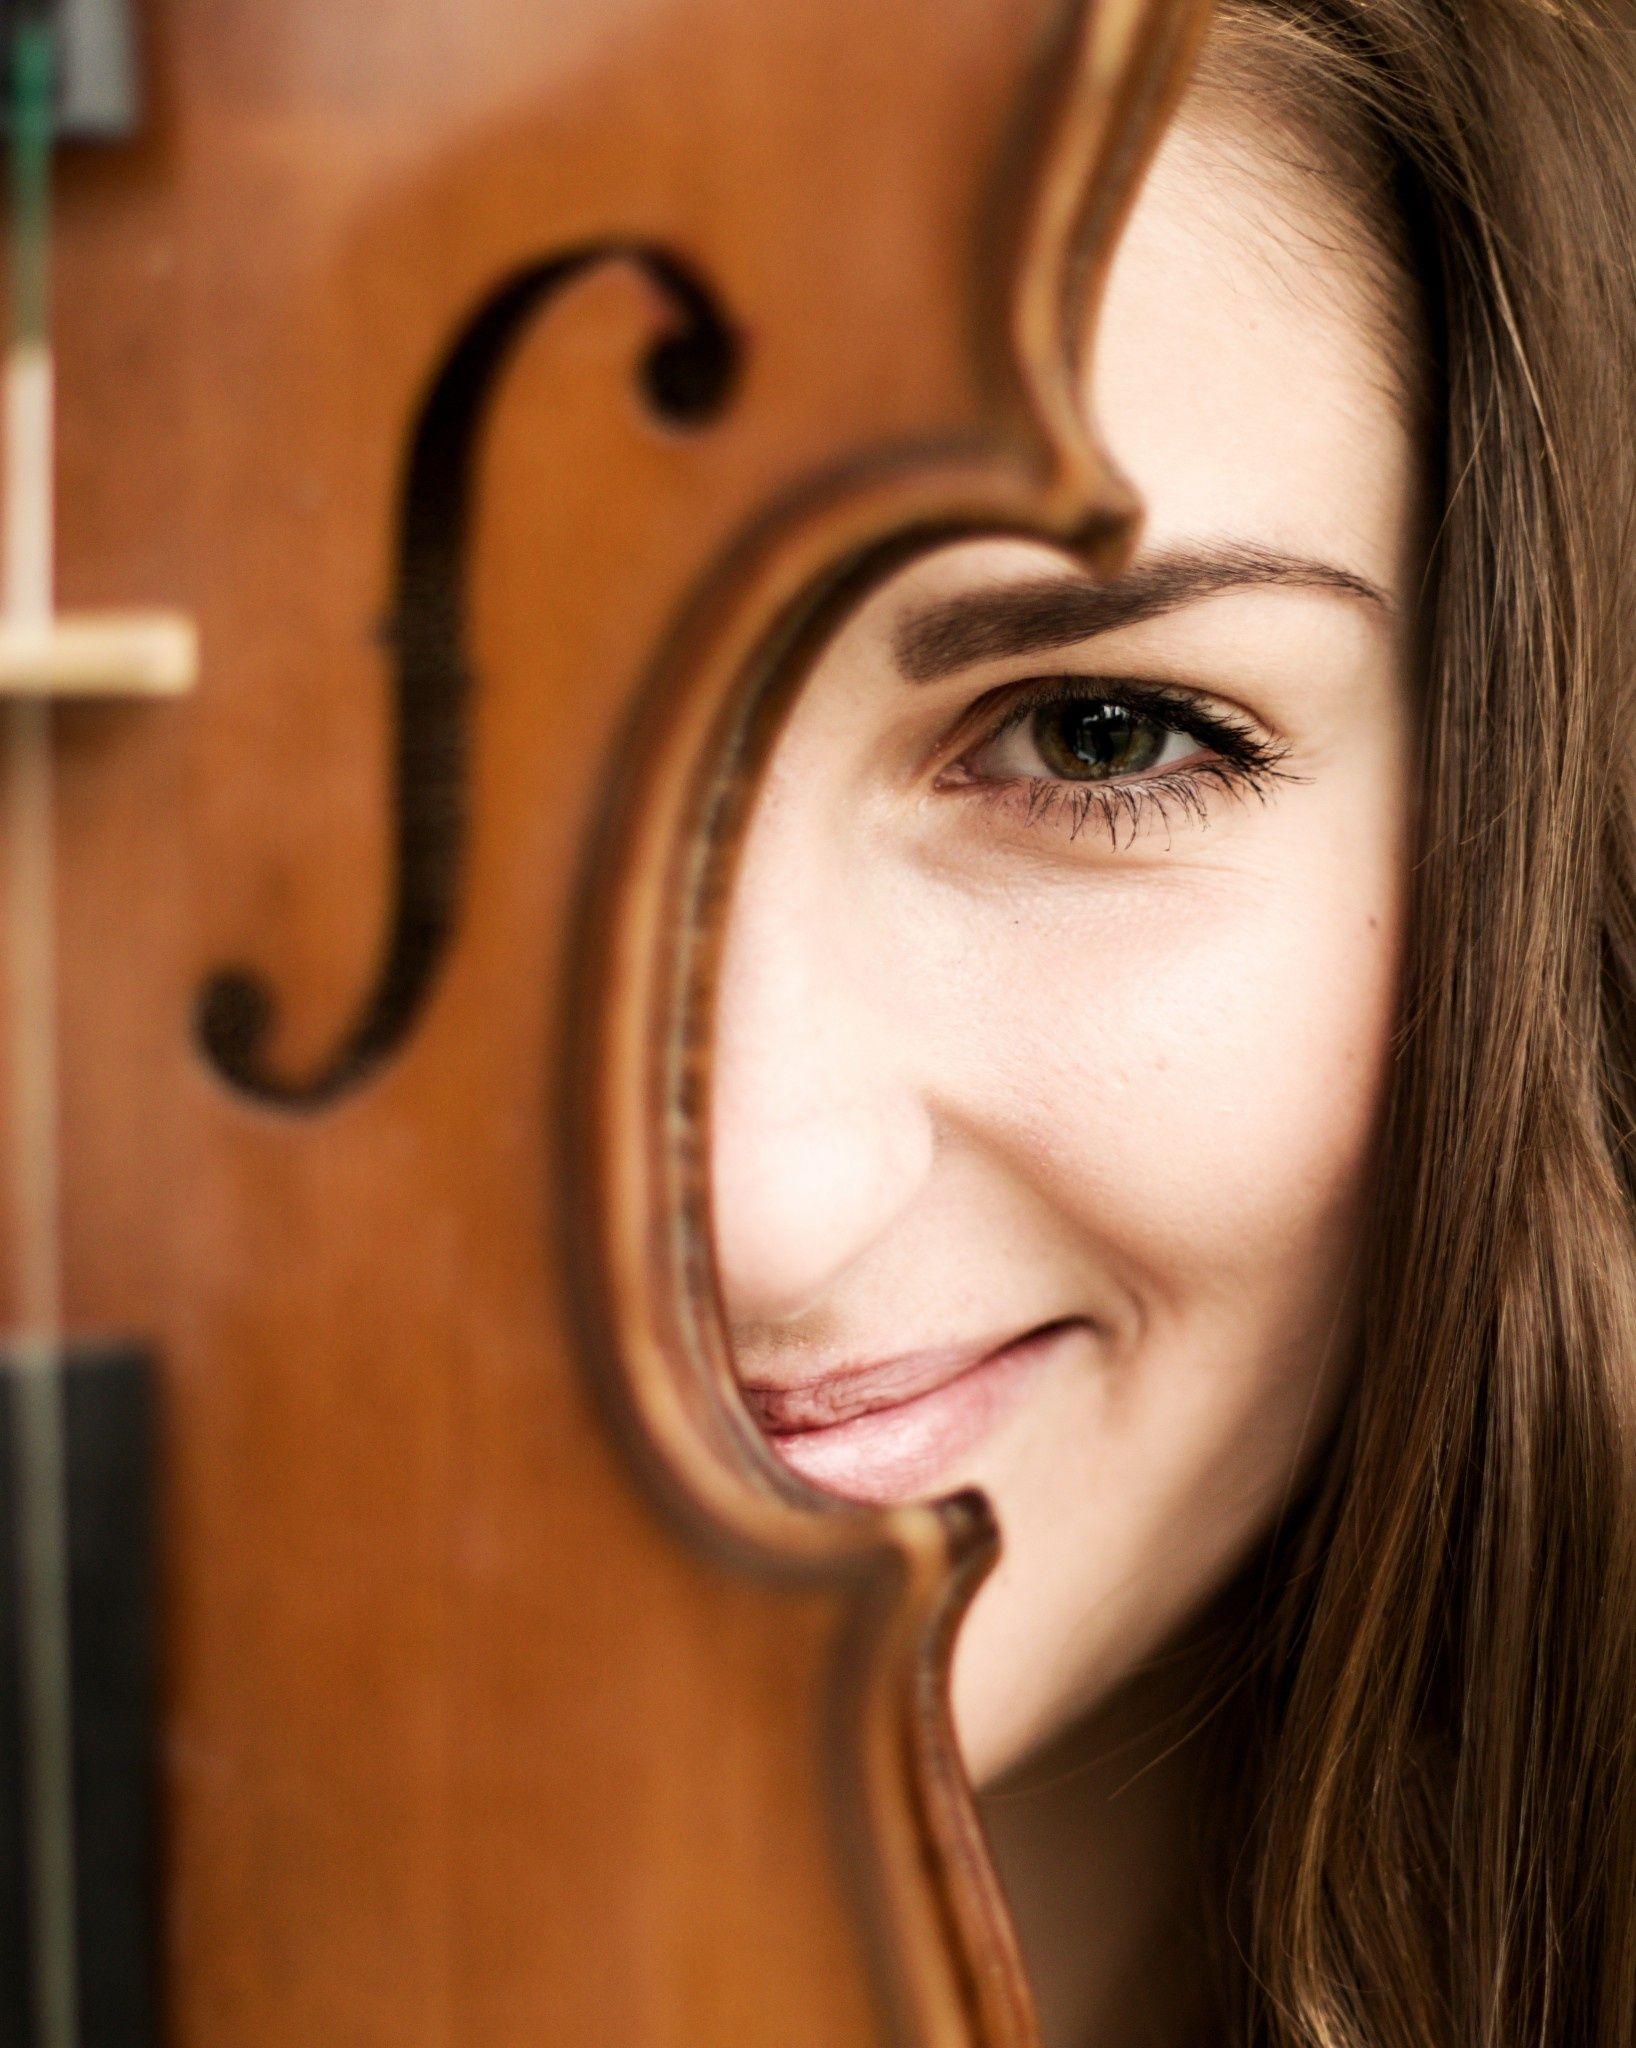 Violinist by Vítězslav Malina on 500px